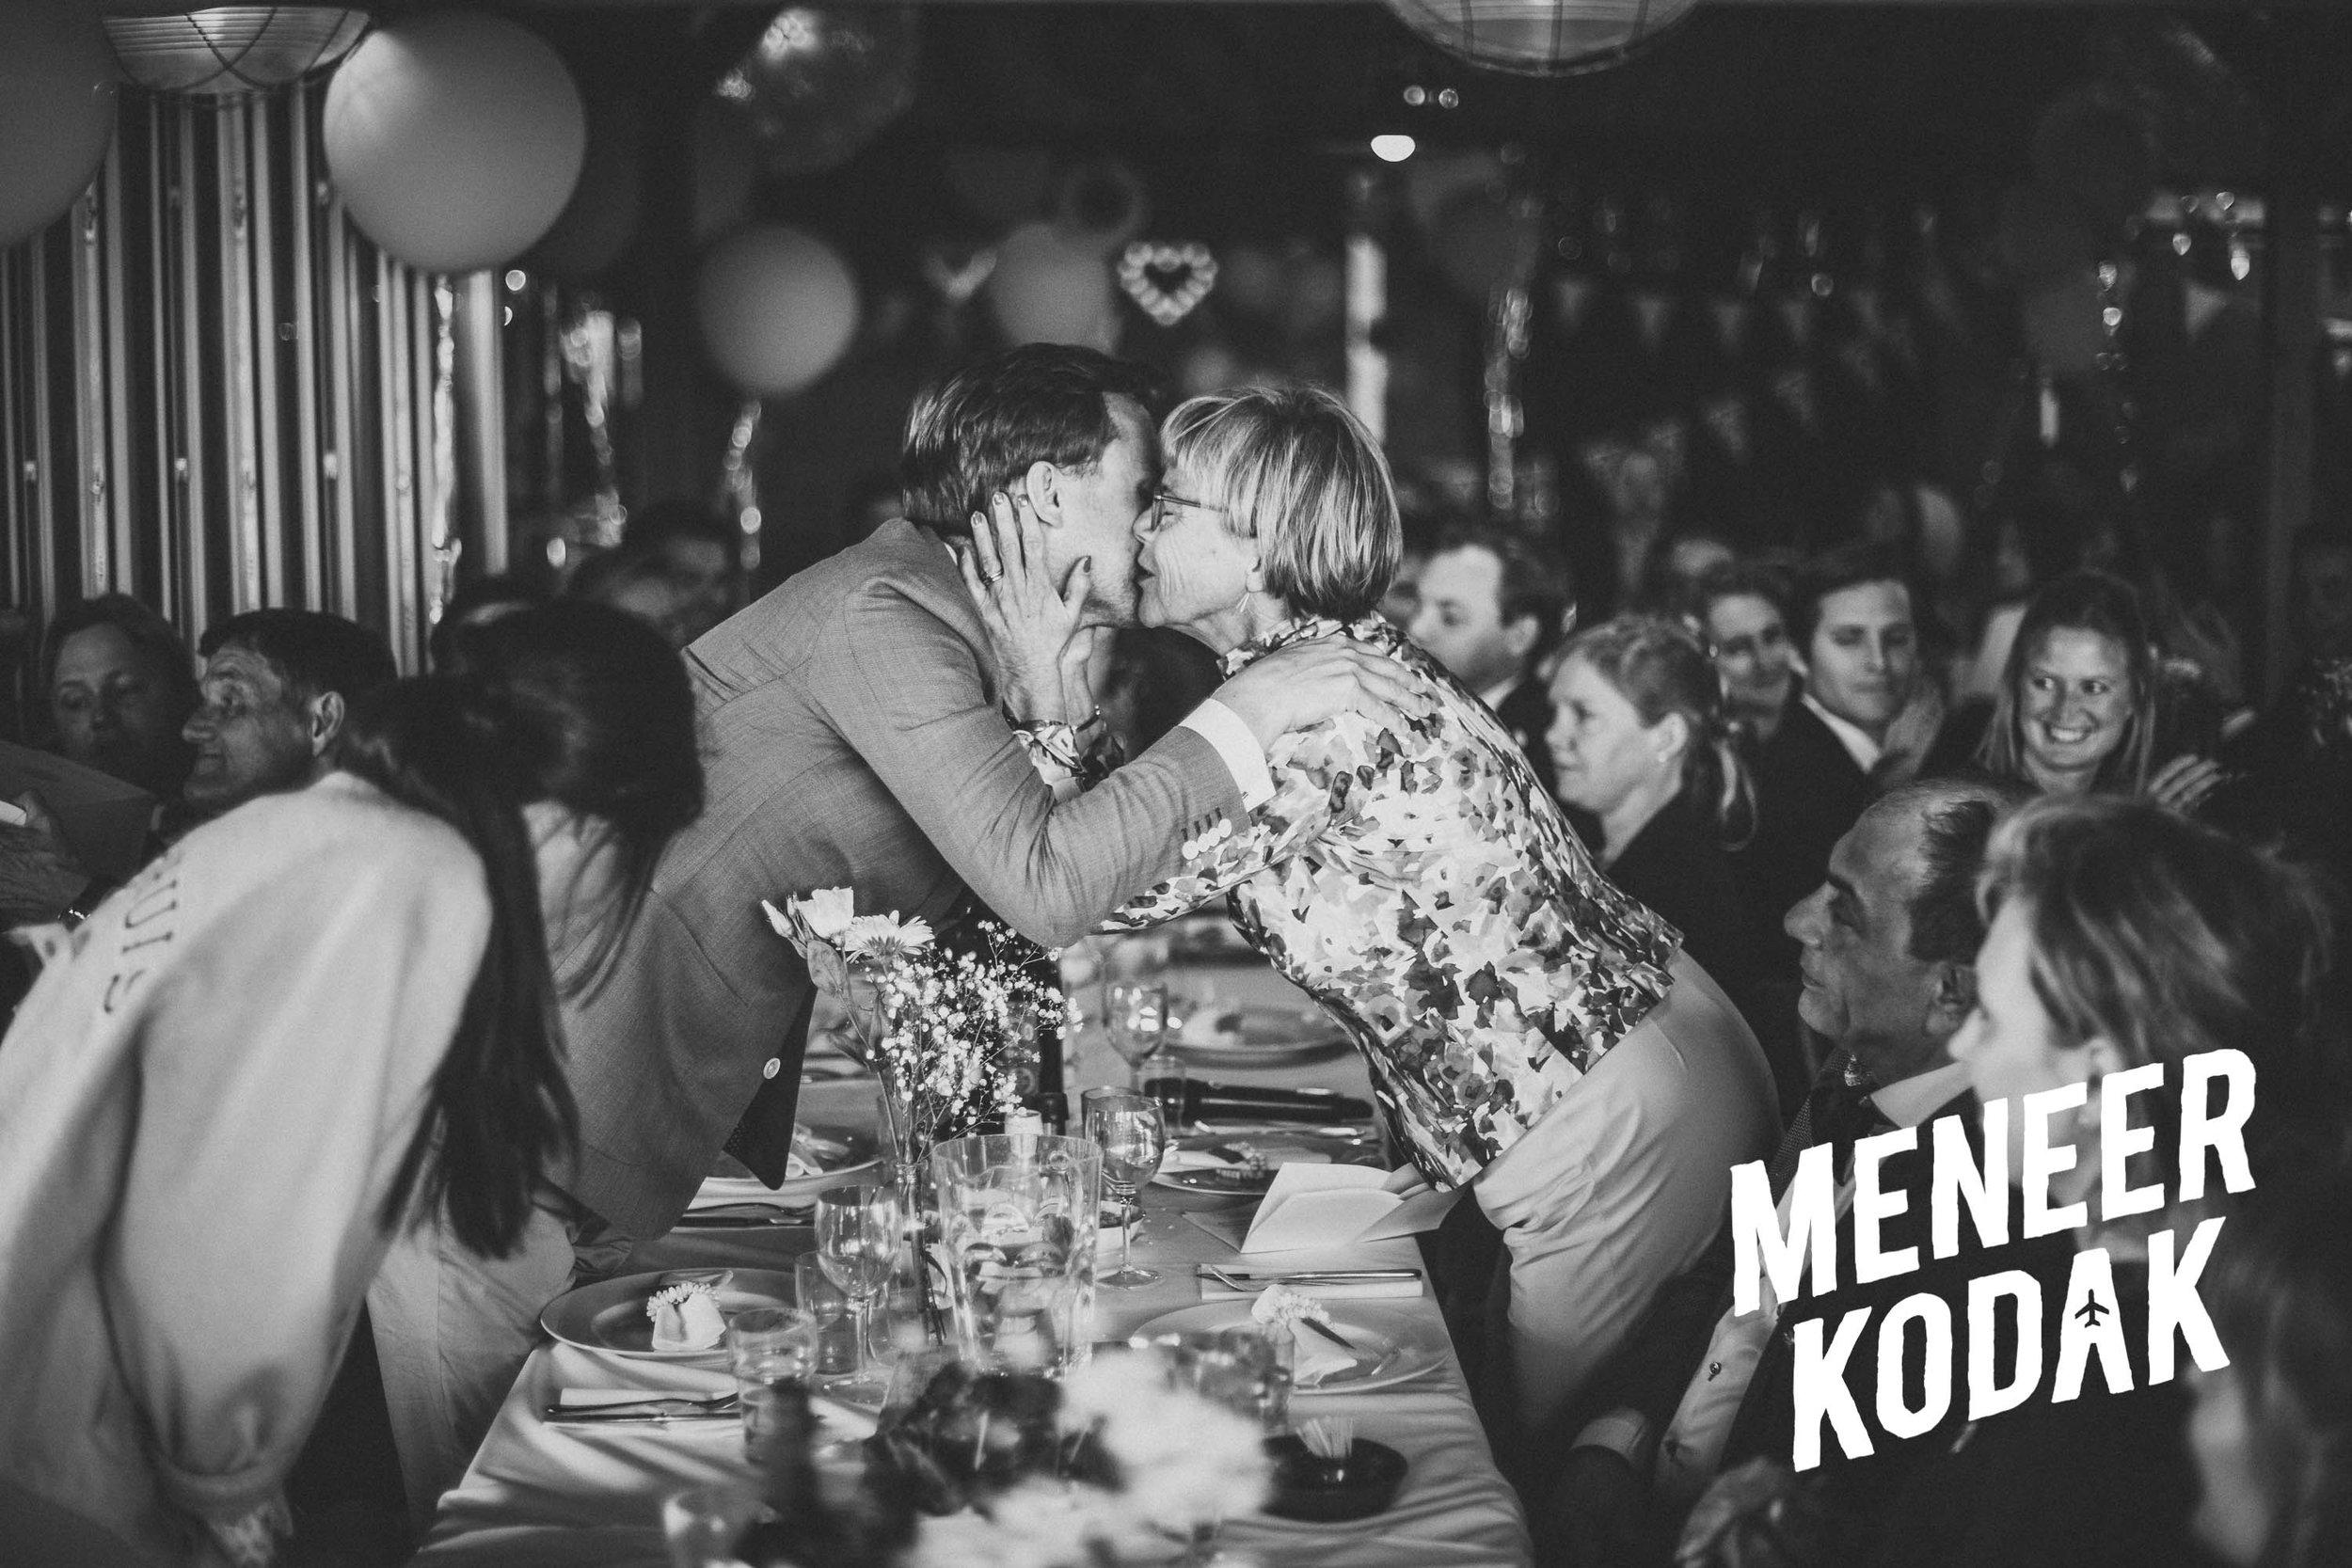 Meneer Kodak - Bruidsfotograaf - Amsterdam - M&J-048.jpg